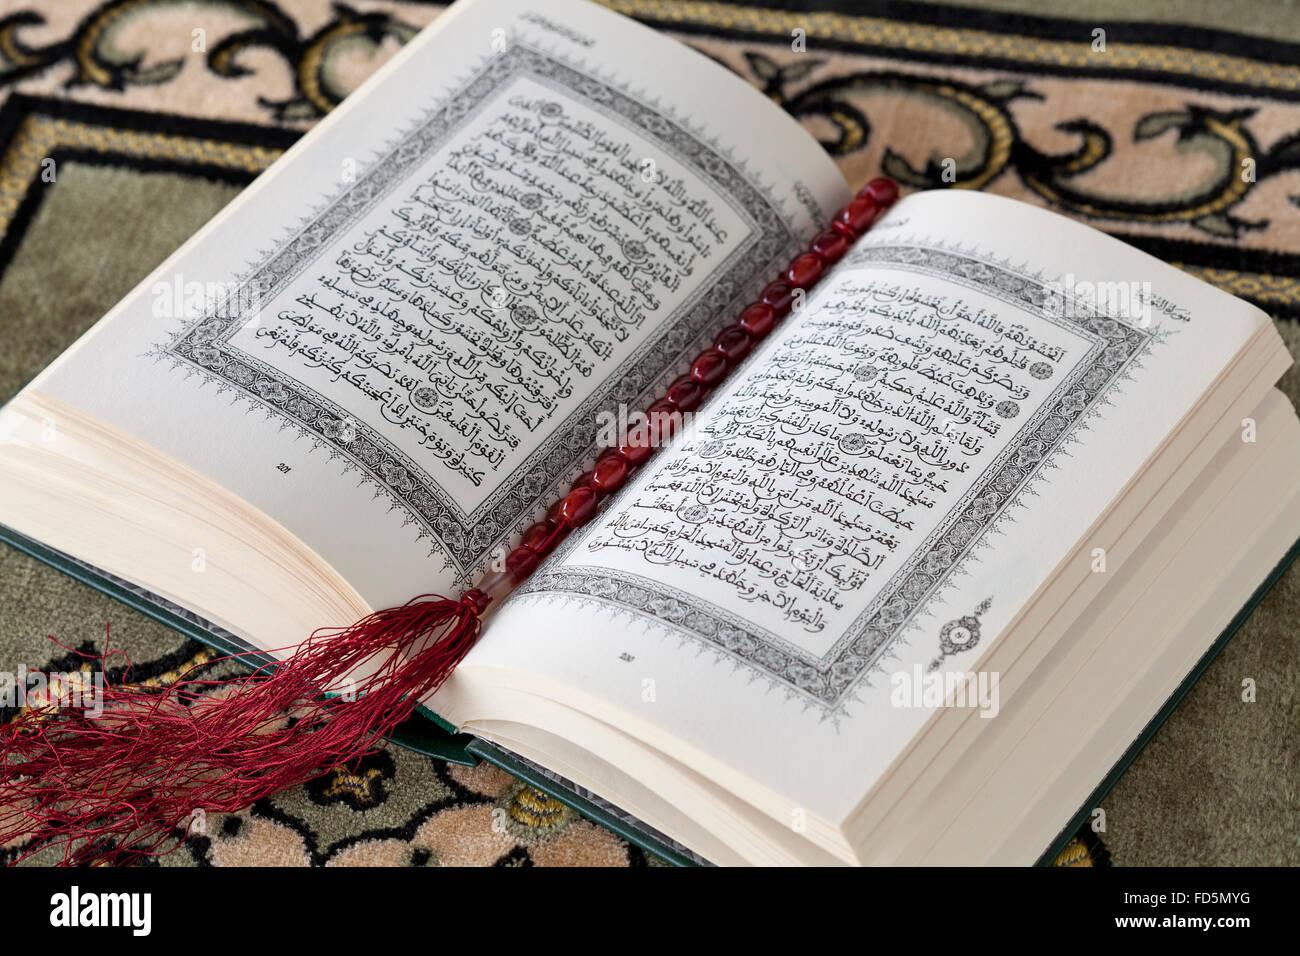 Aufgeschlagene Buch der Koran und die Gebetskette auf einem Teppich Stockbild